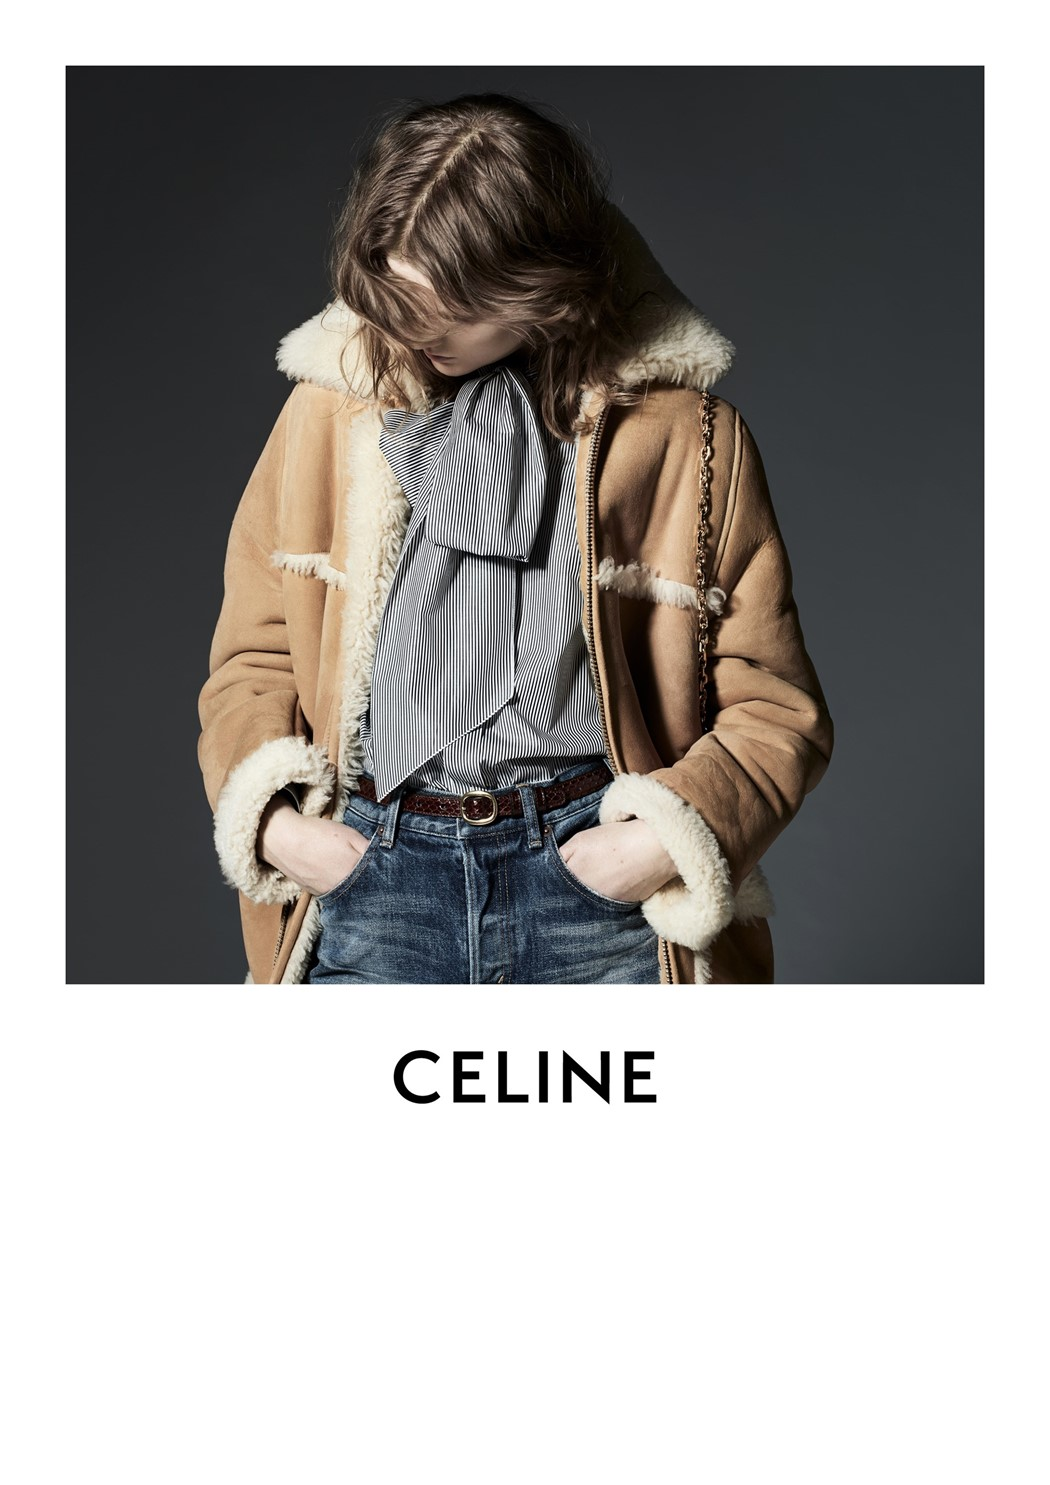 Celine кампейн